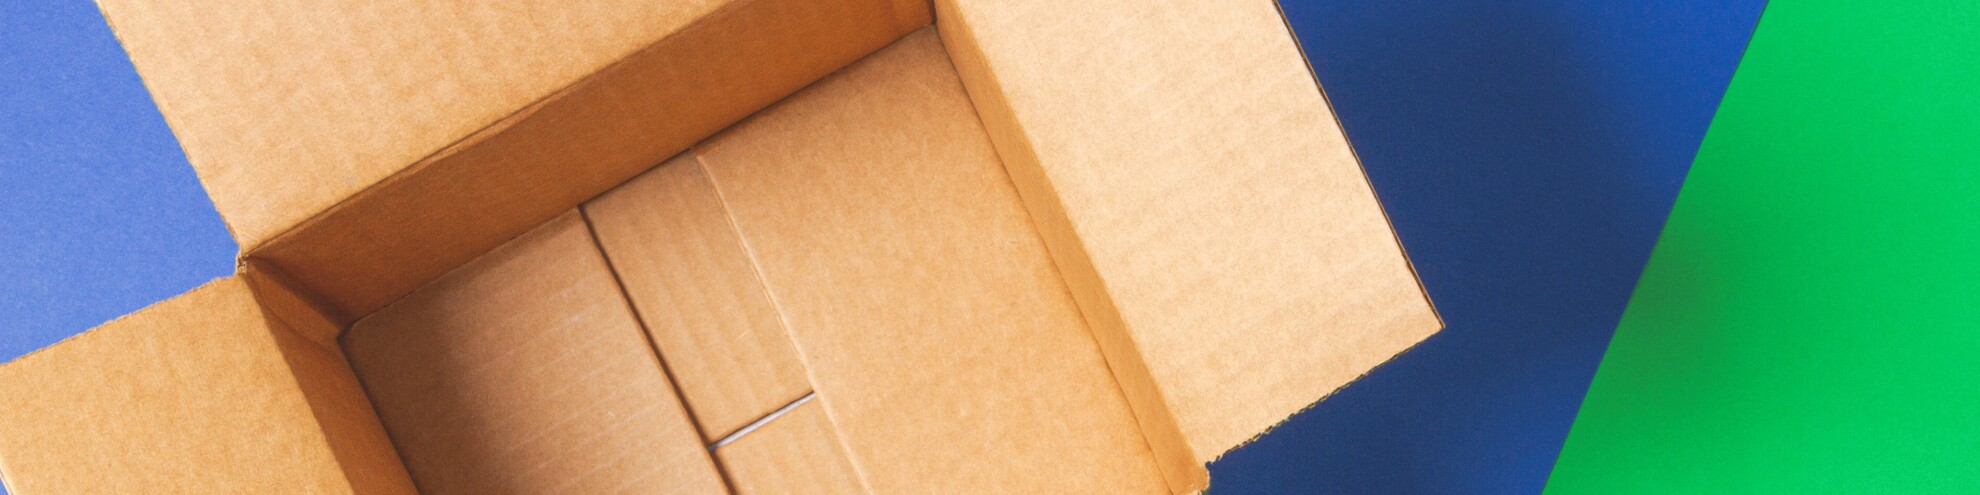 Garantie verhalen op de leverancier: waar heb je recht op? 1